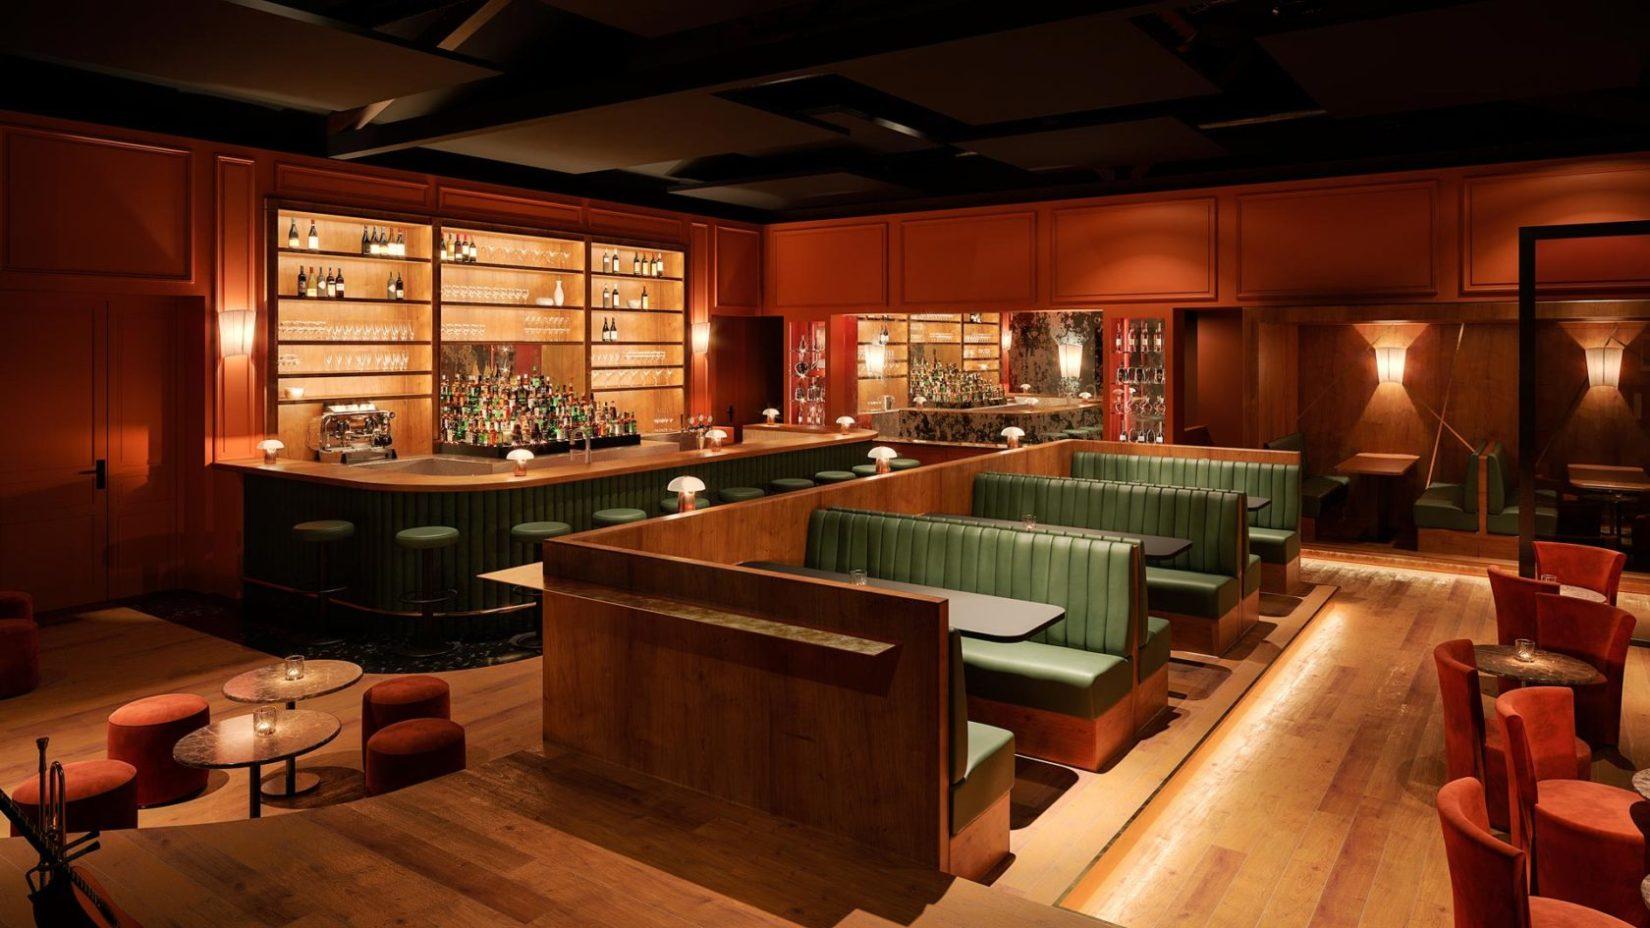 Bar_Officine_Grand_hotel_Dieu_perspective_3D